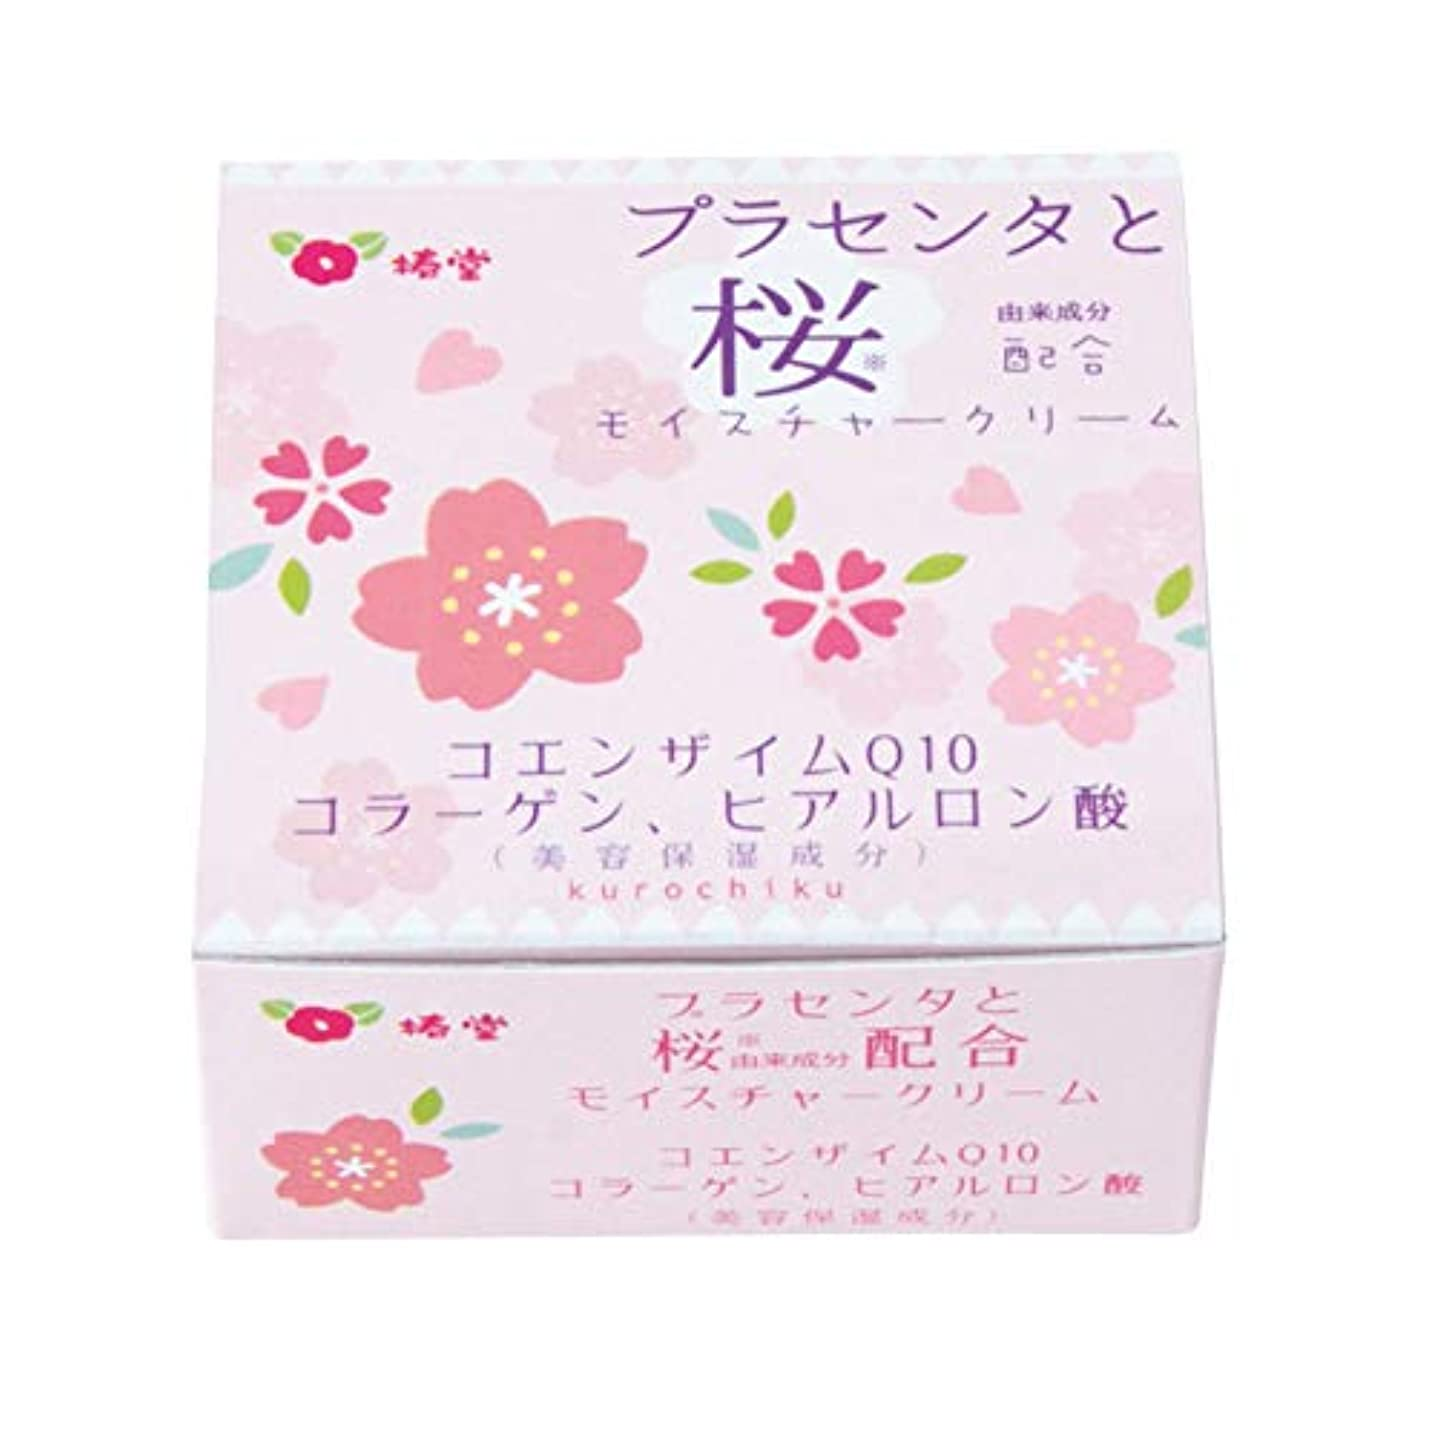 見る人額チロ椿堂 桜モイスチャークリーム (プラセンタと桜) 京都くろちく